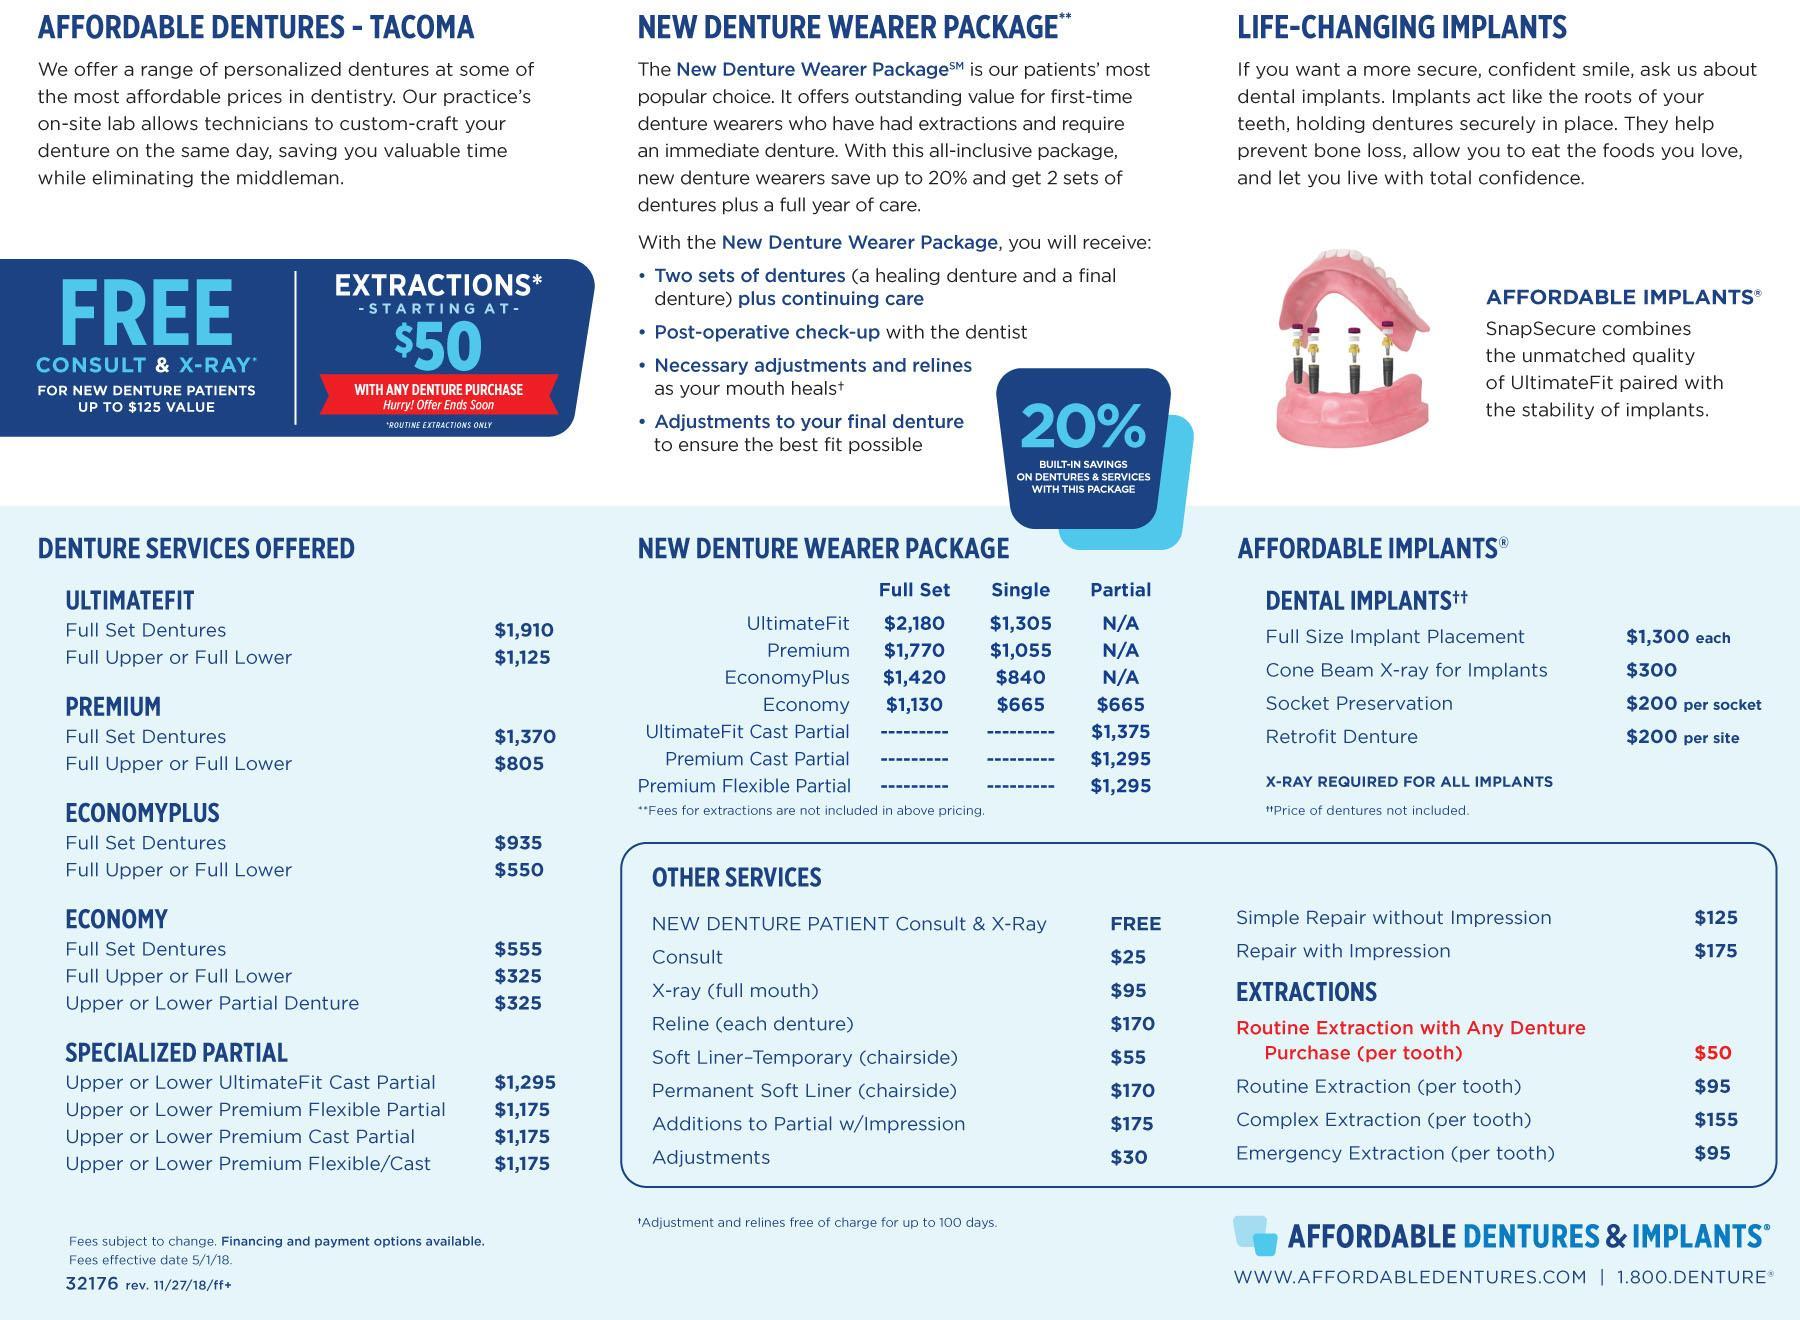 denture care center tacoma wa dentist 98409 affordable dentures. Black Bedroom Furniture Sets. Home Design Ideas